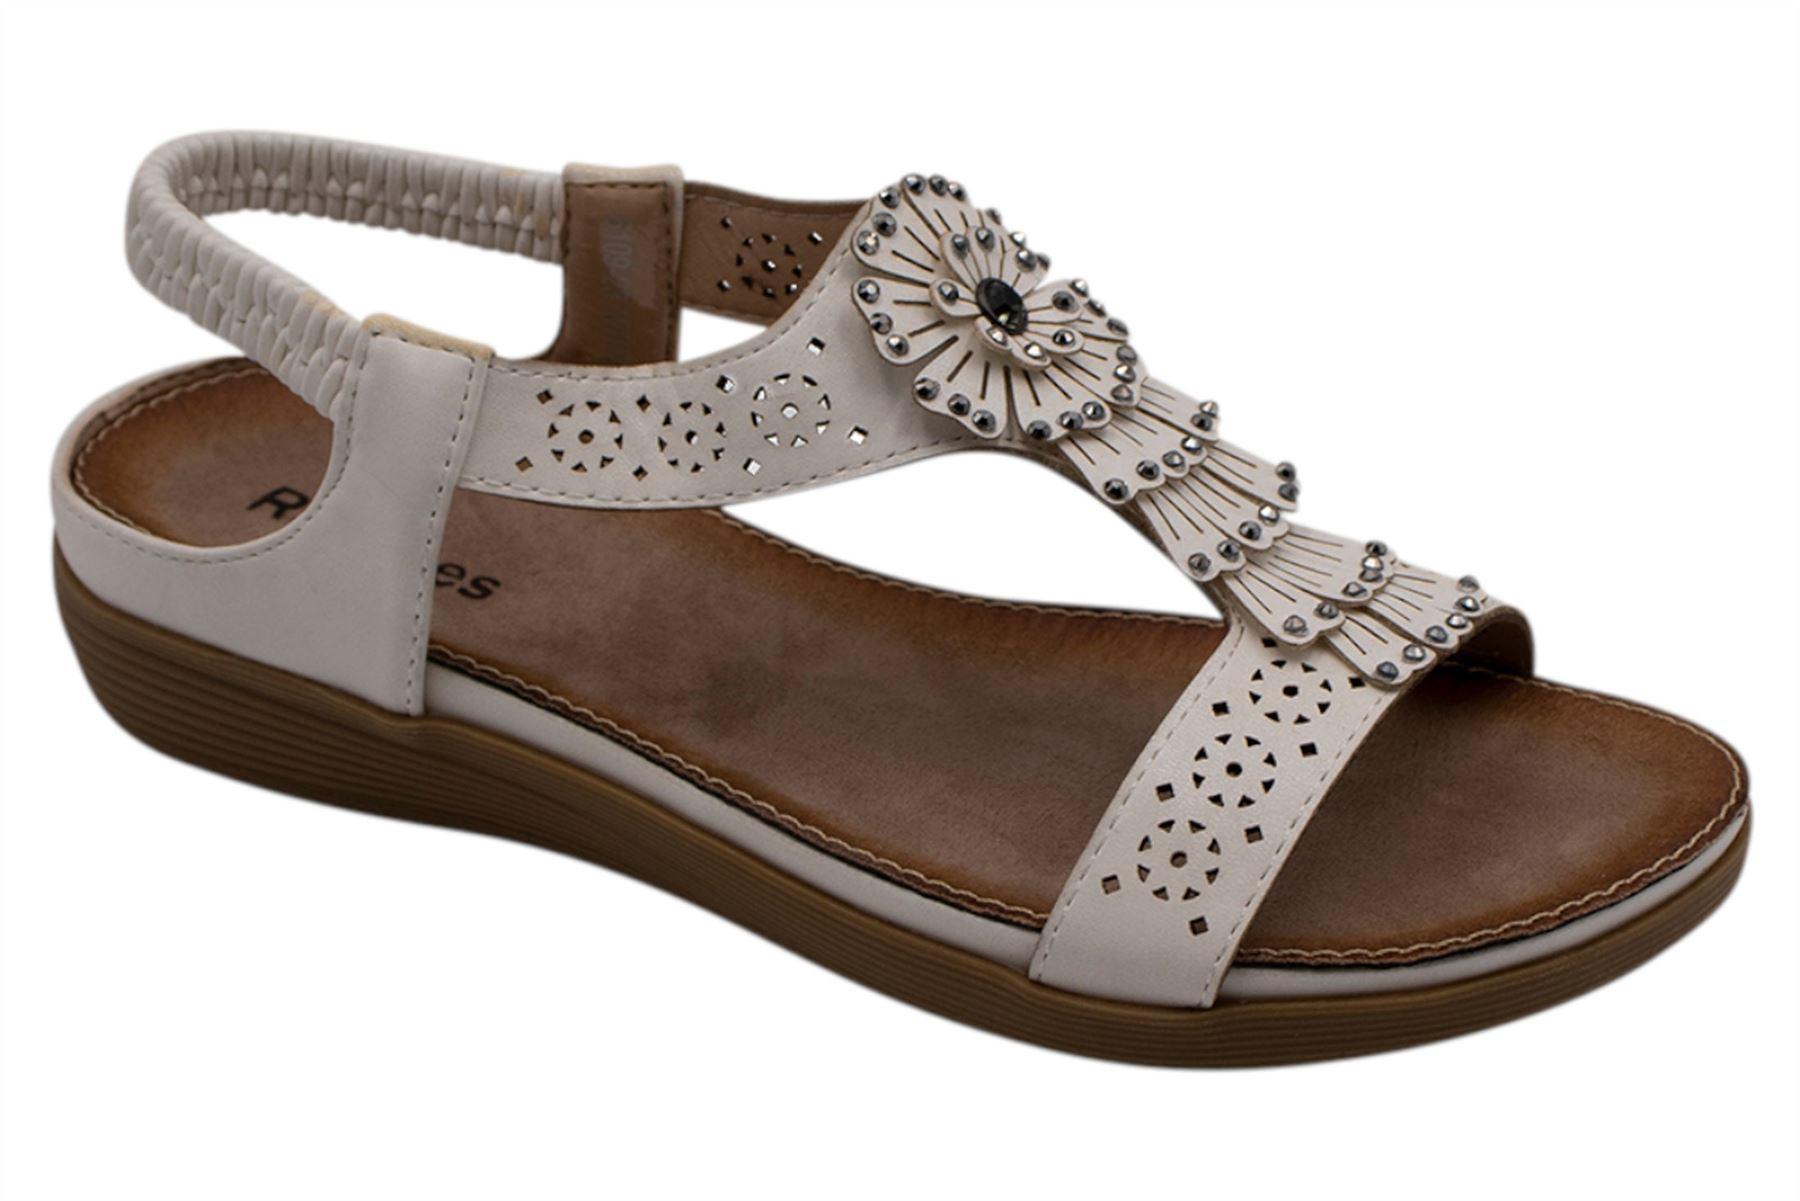 Ladies-Sandals-Womens-Shiny-Flat-Flip-Flop-Beach-Sliders miniatura 31